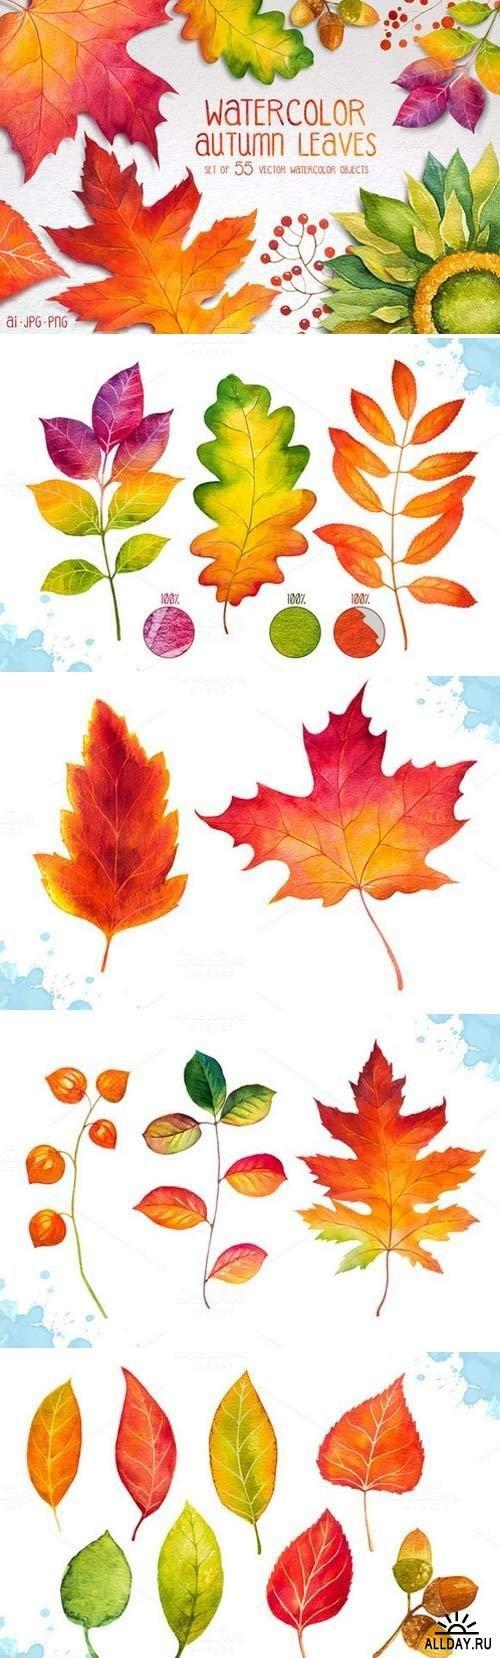 Autumn leaves. Watercolor set. - 795622